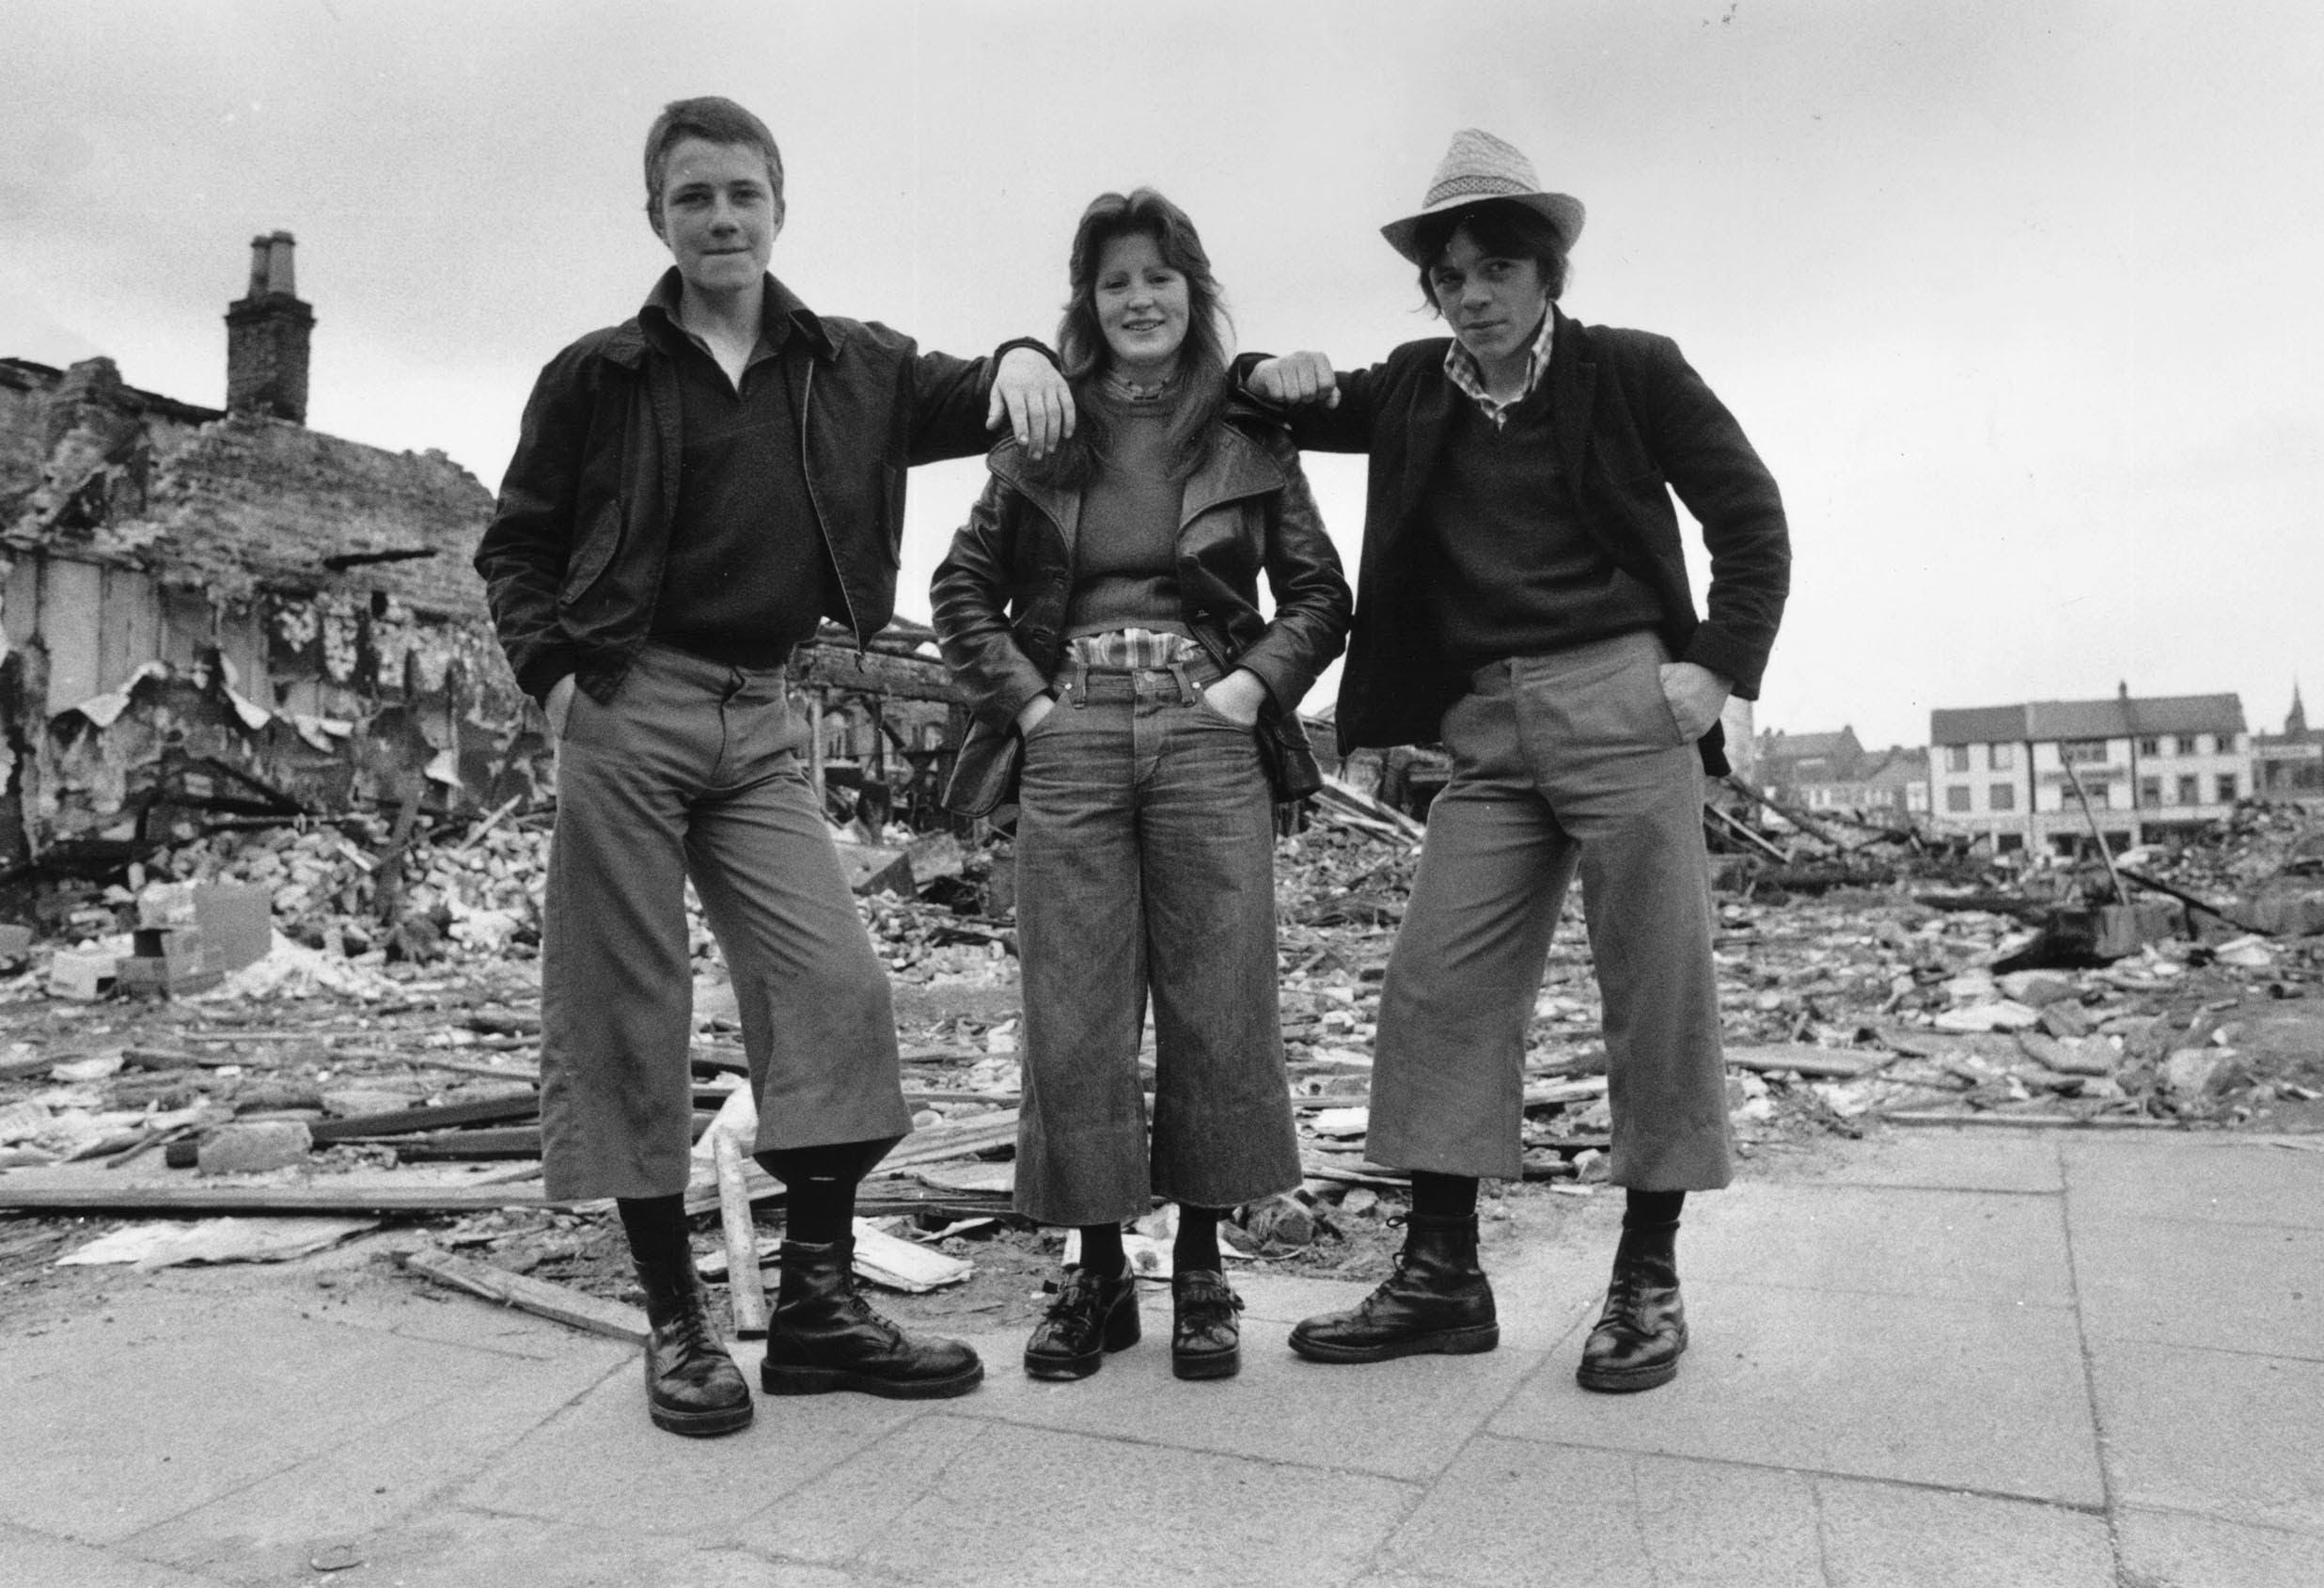 1974: Teenager tragen den neusten Modetrend in Irland: Gekürzte Hose und Doc Martens Stiefeln in den Ruinen von Belfast - und sehen damit gar nicht so anders aus wie modische, junge Frauen und Männer 2020.